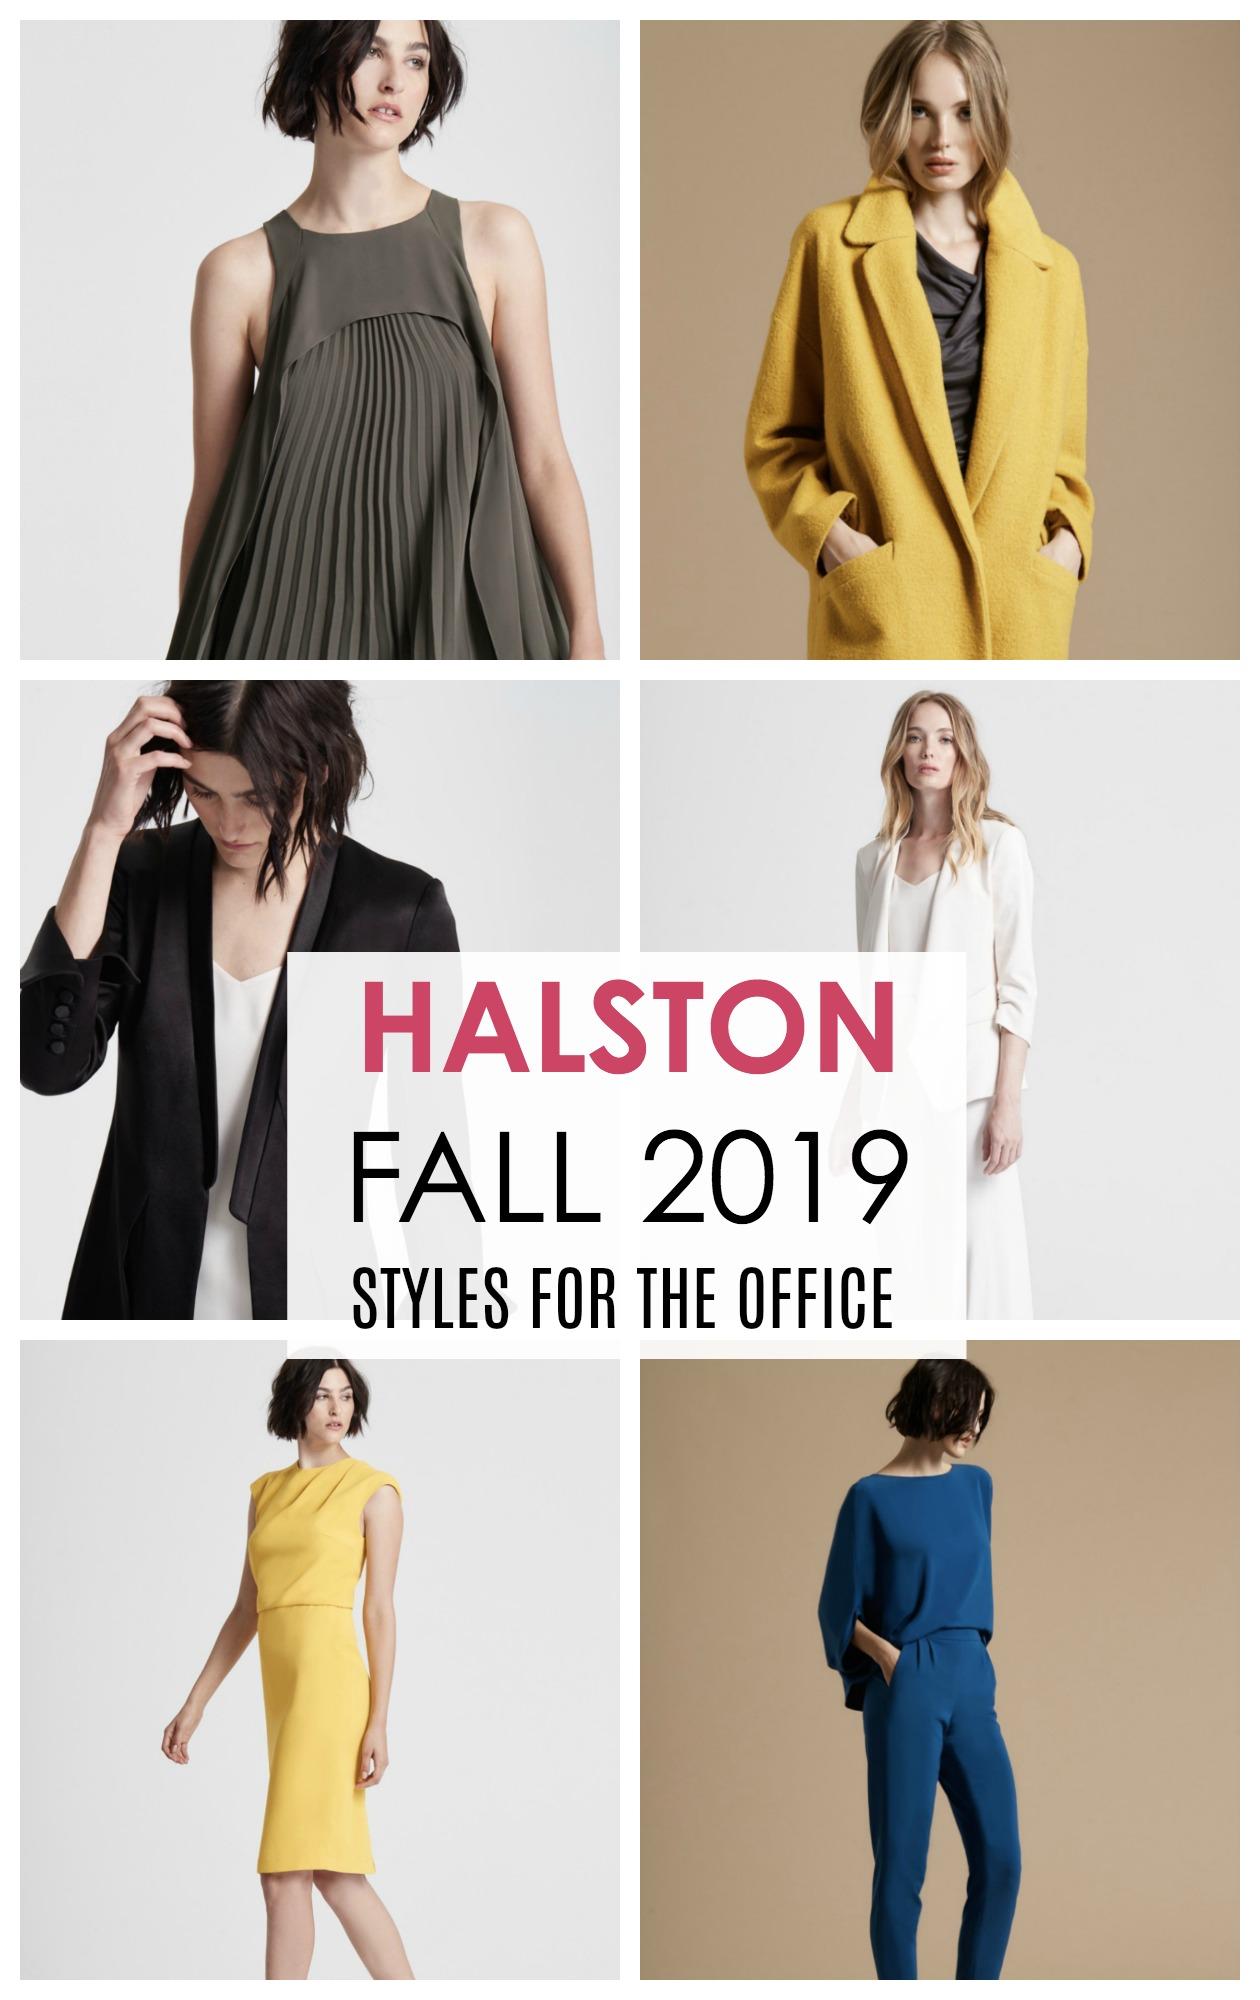 Halston Fall Collection I Styles to Wear to Work #Halston #fallfashion #styleinspo #styleblogger #fashionblogger #fashionblog